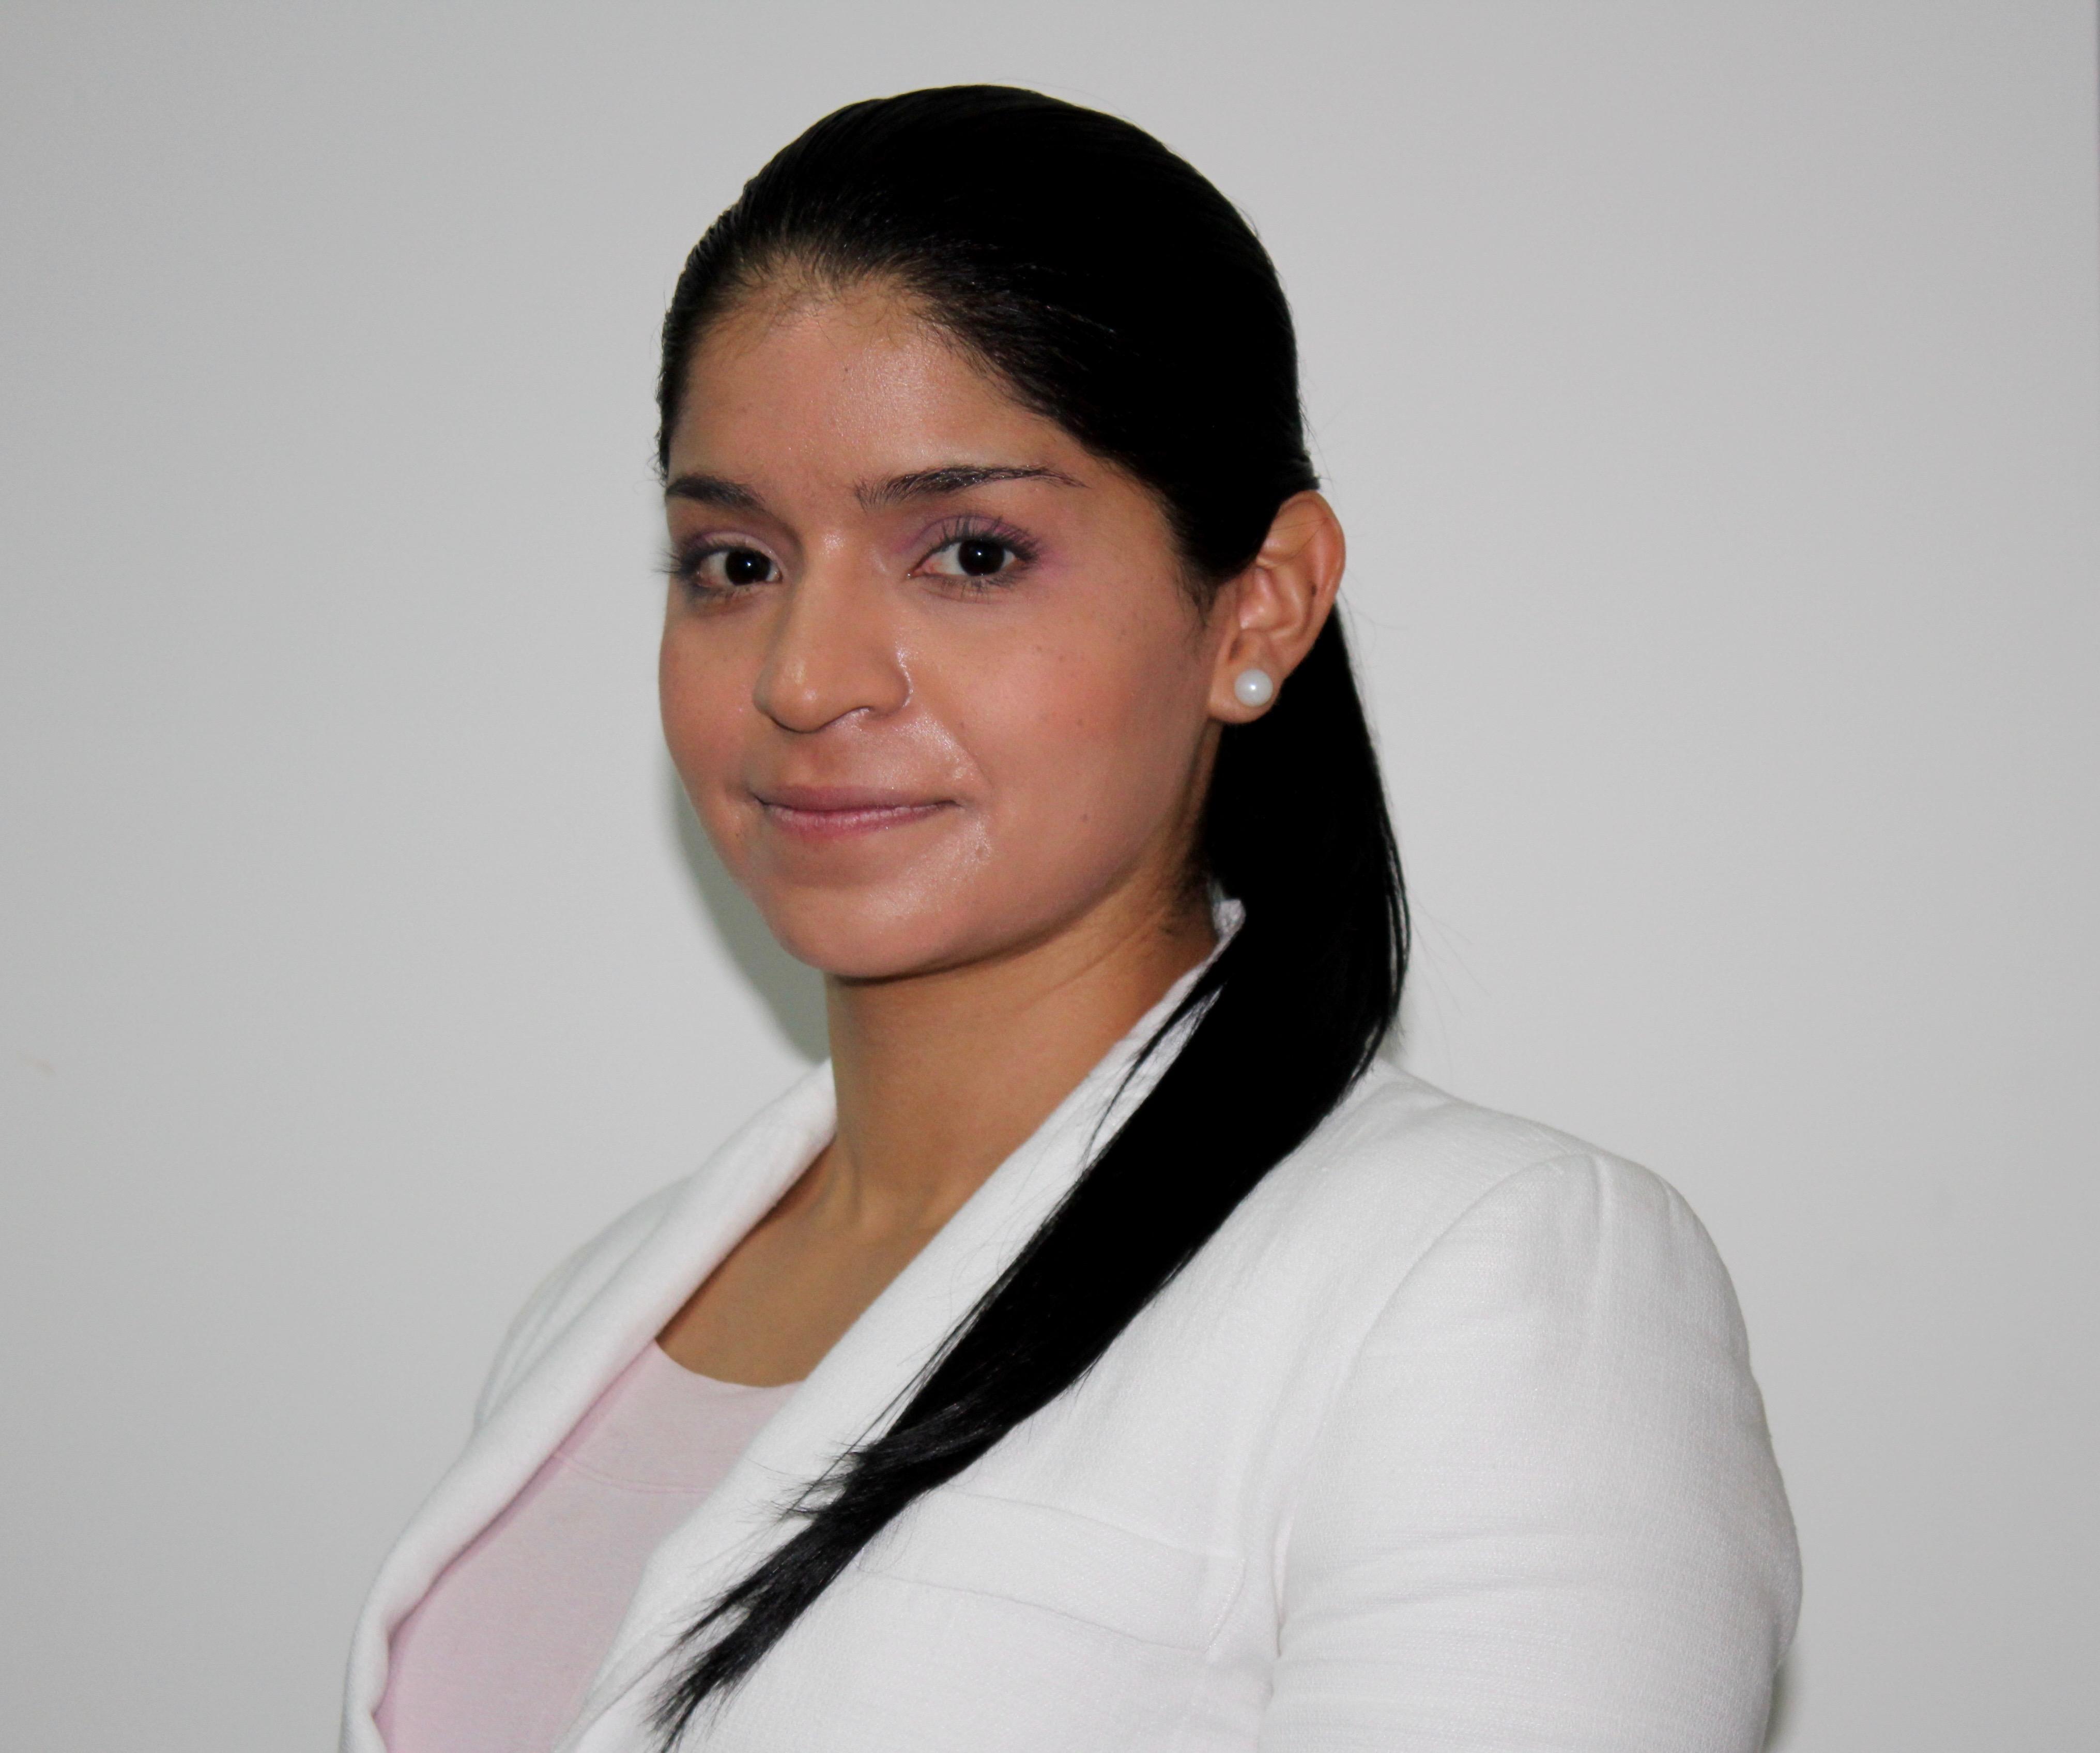 Patricia Elizabeth Muñiz Domínguez